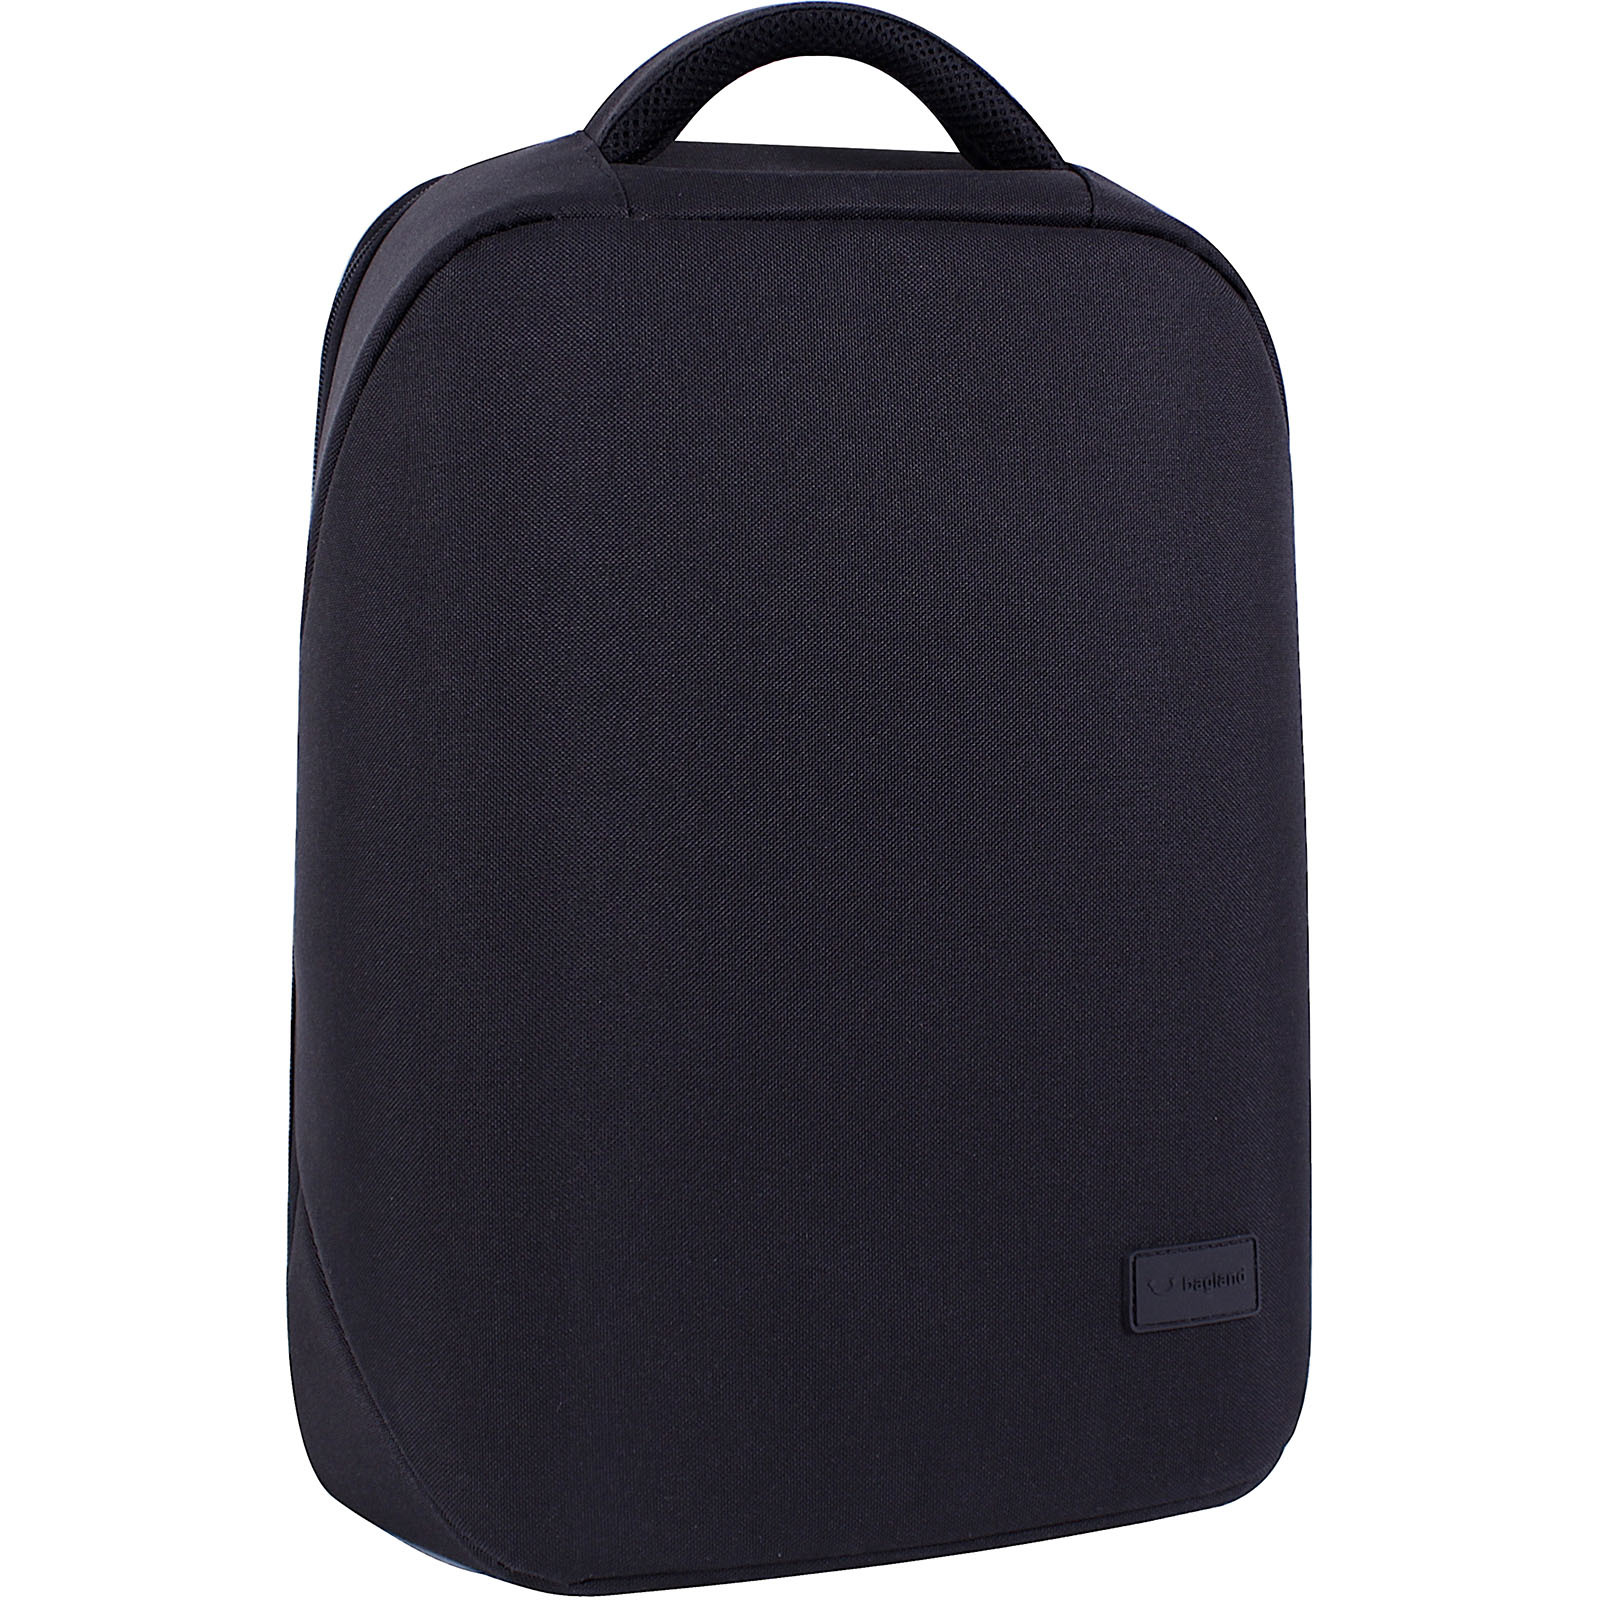 Рюкзаки для ноутбука Рюкзак для ноутбука Bagland Shine 16 л. Чёрный (0058166) IMG_4308.jpg